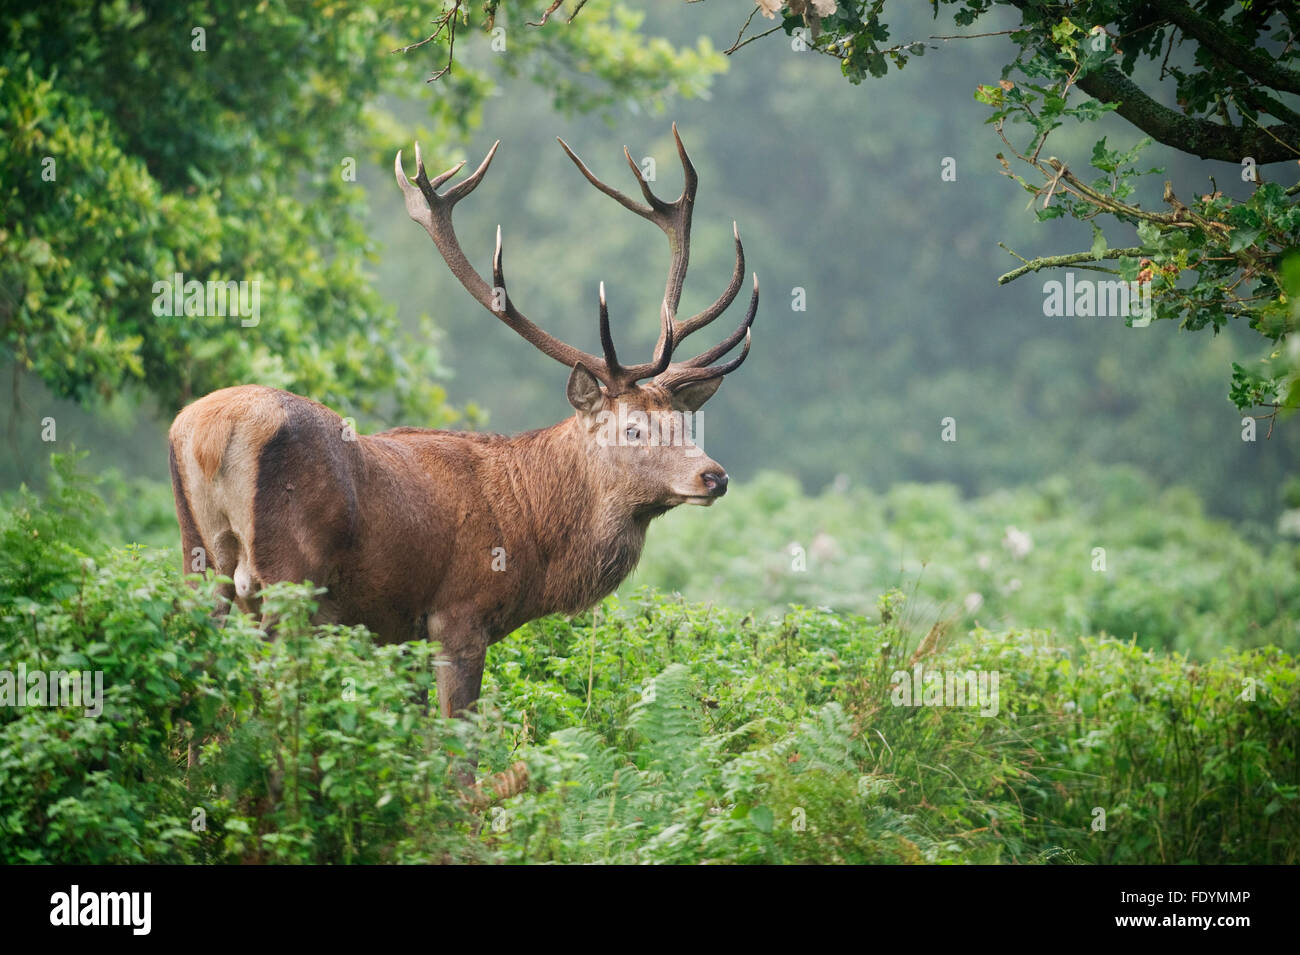 Red Deer (Cervus elaphus) stag in forest - Stock Image